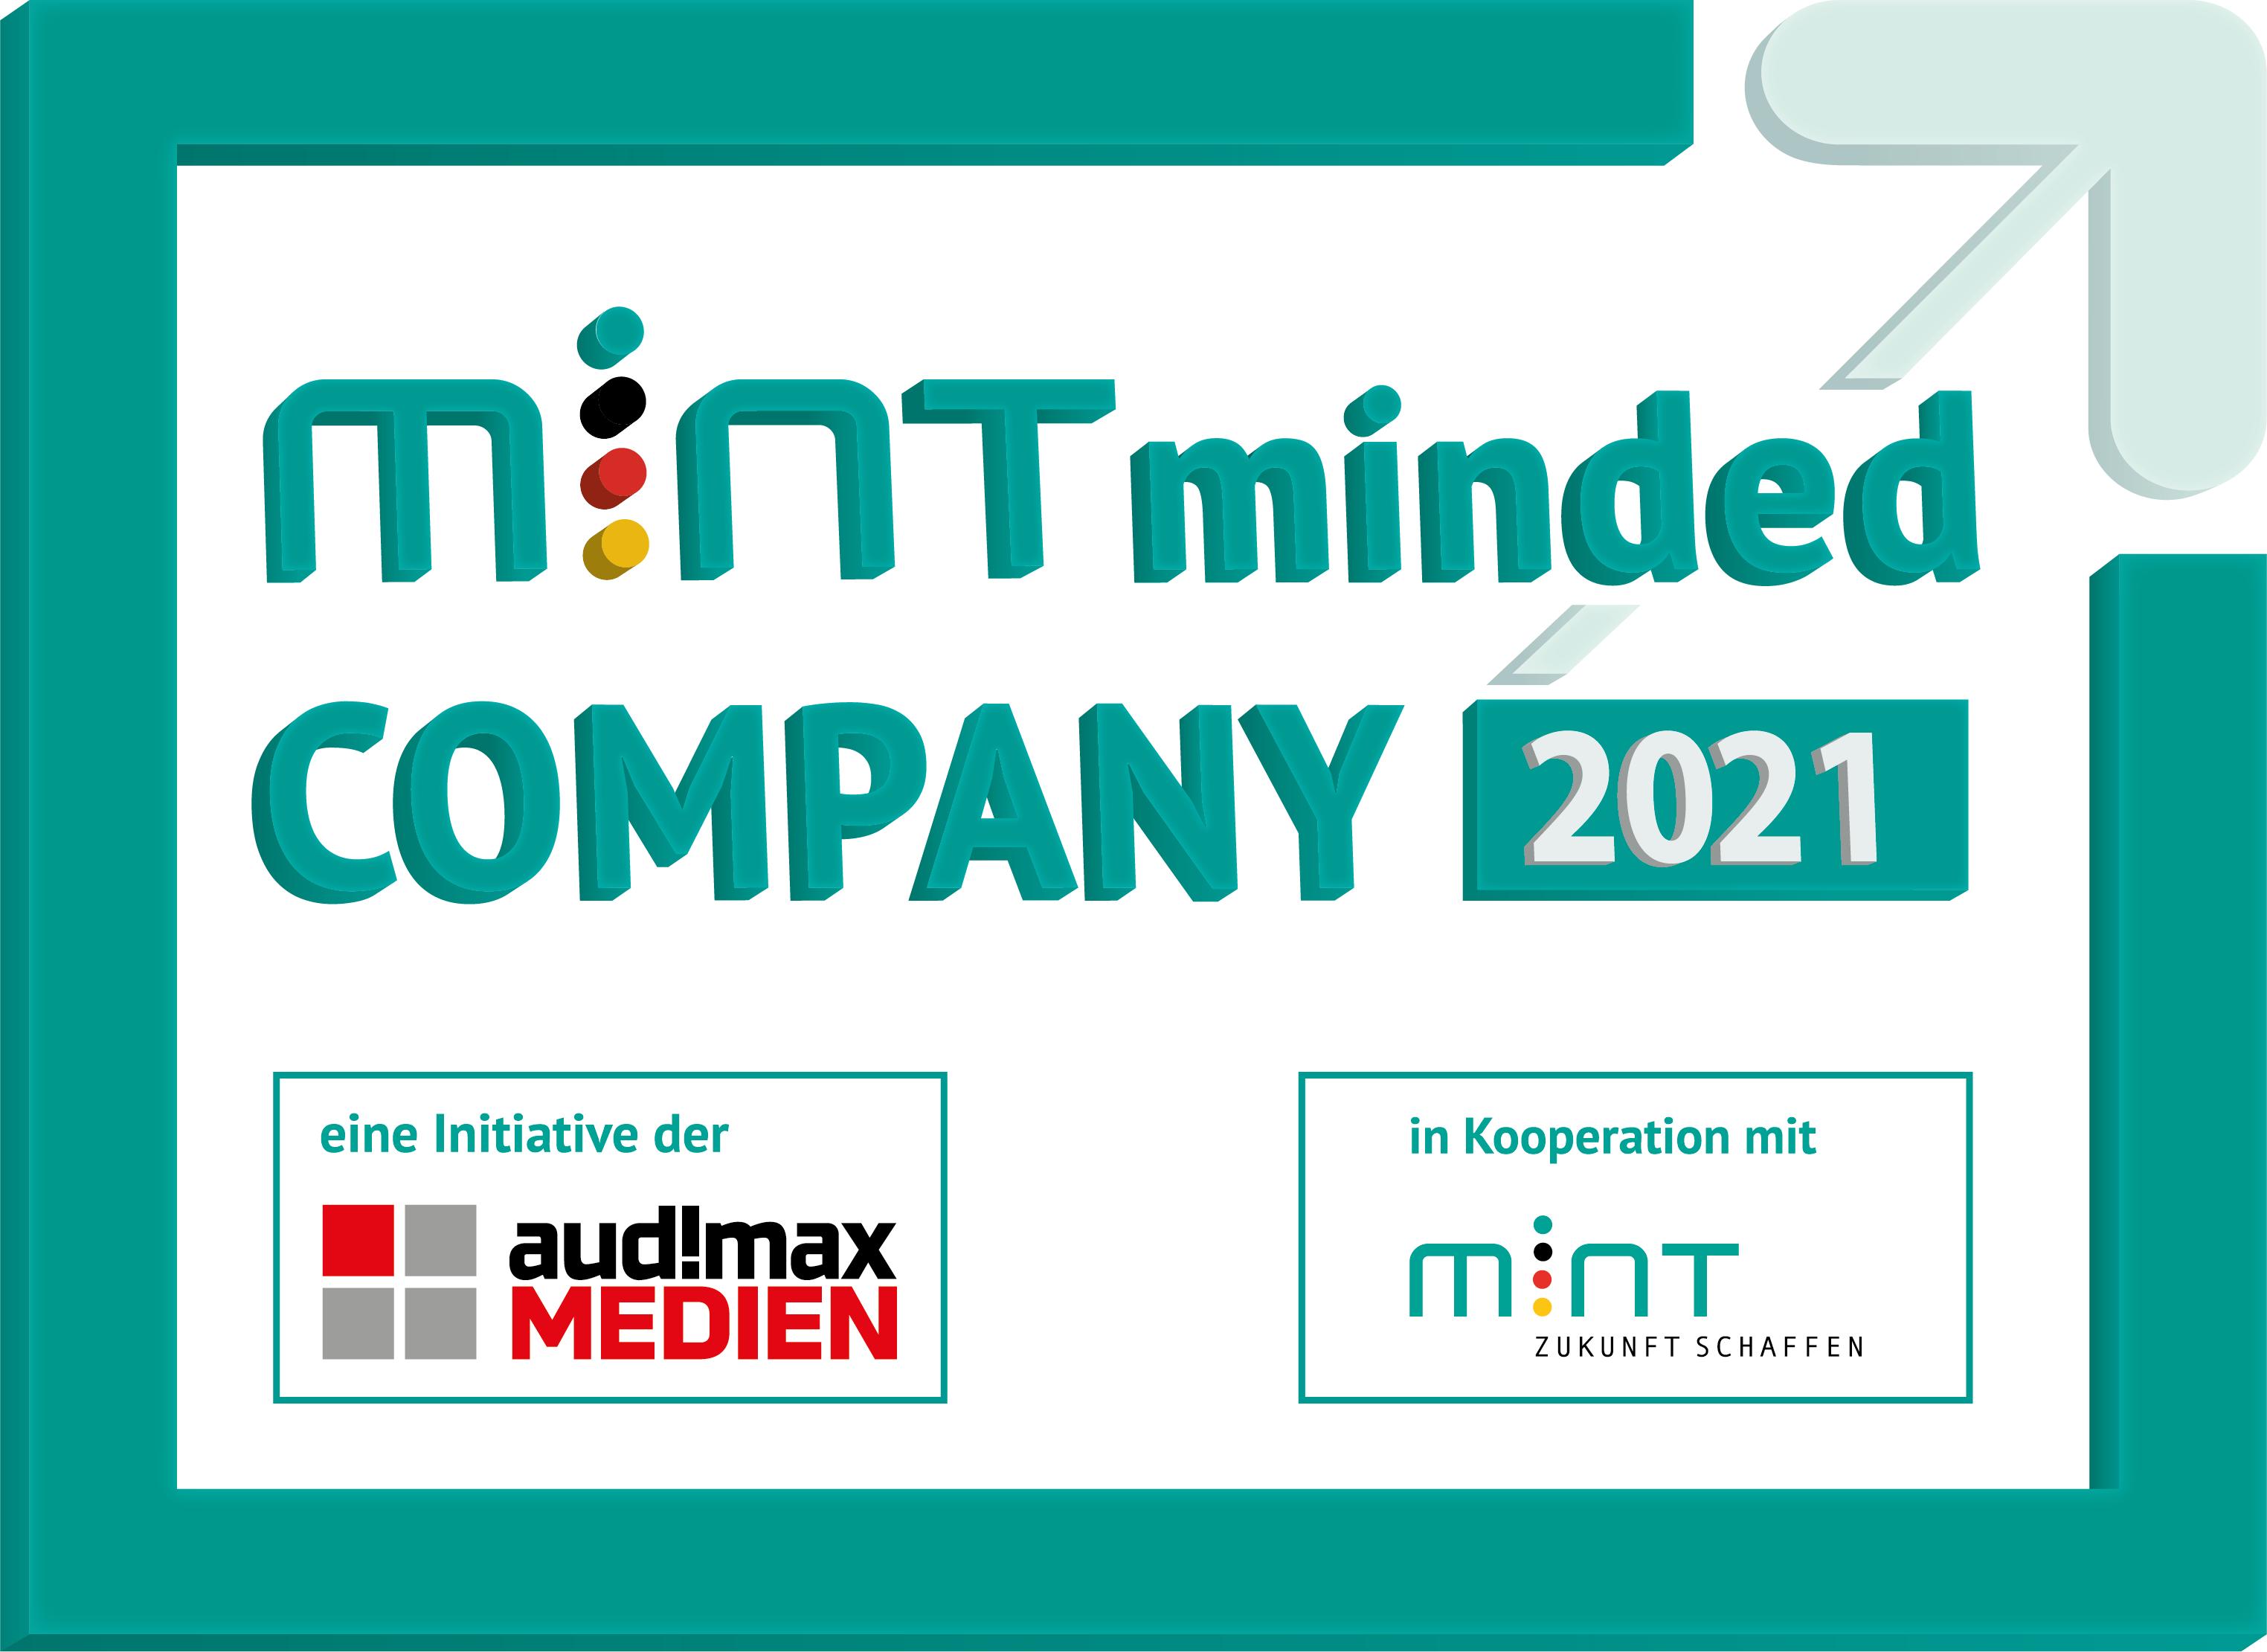 Award: Mint minded Company 2021